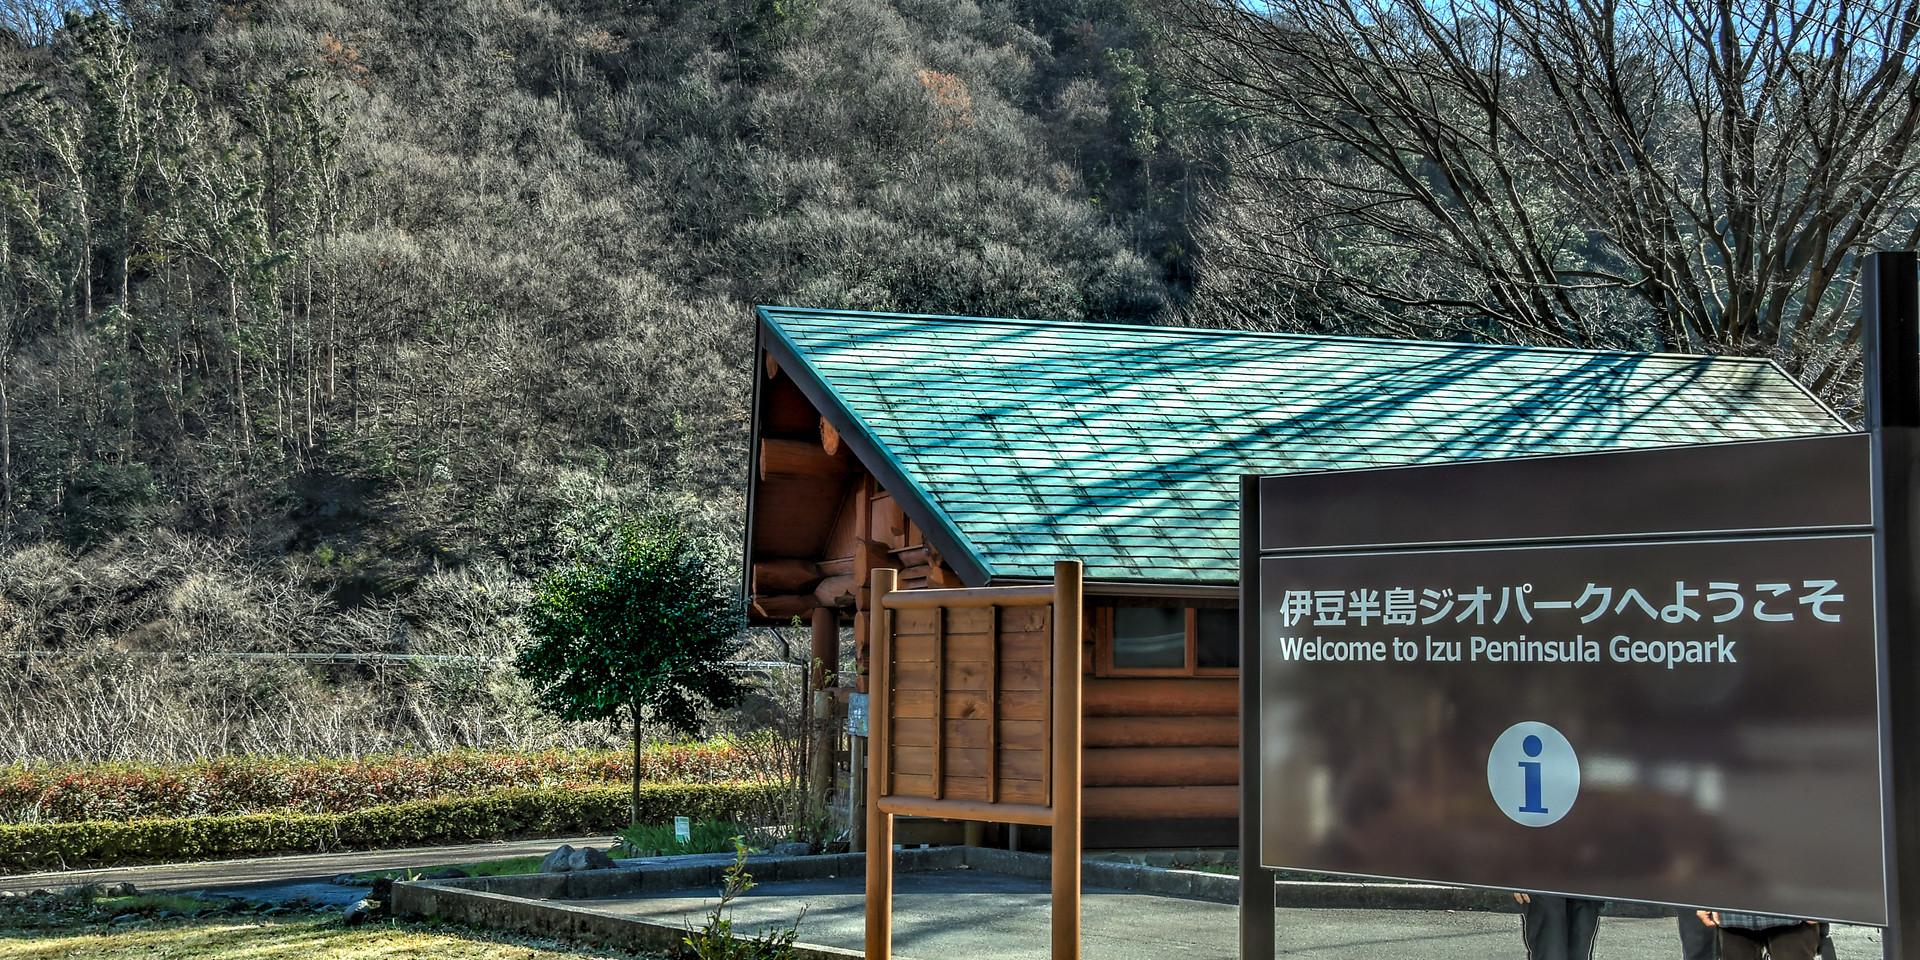 松川湖ログハウス